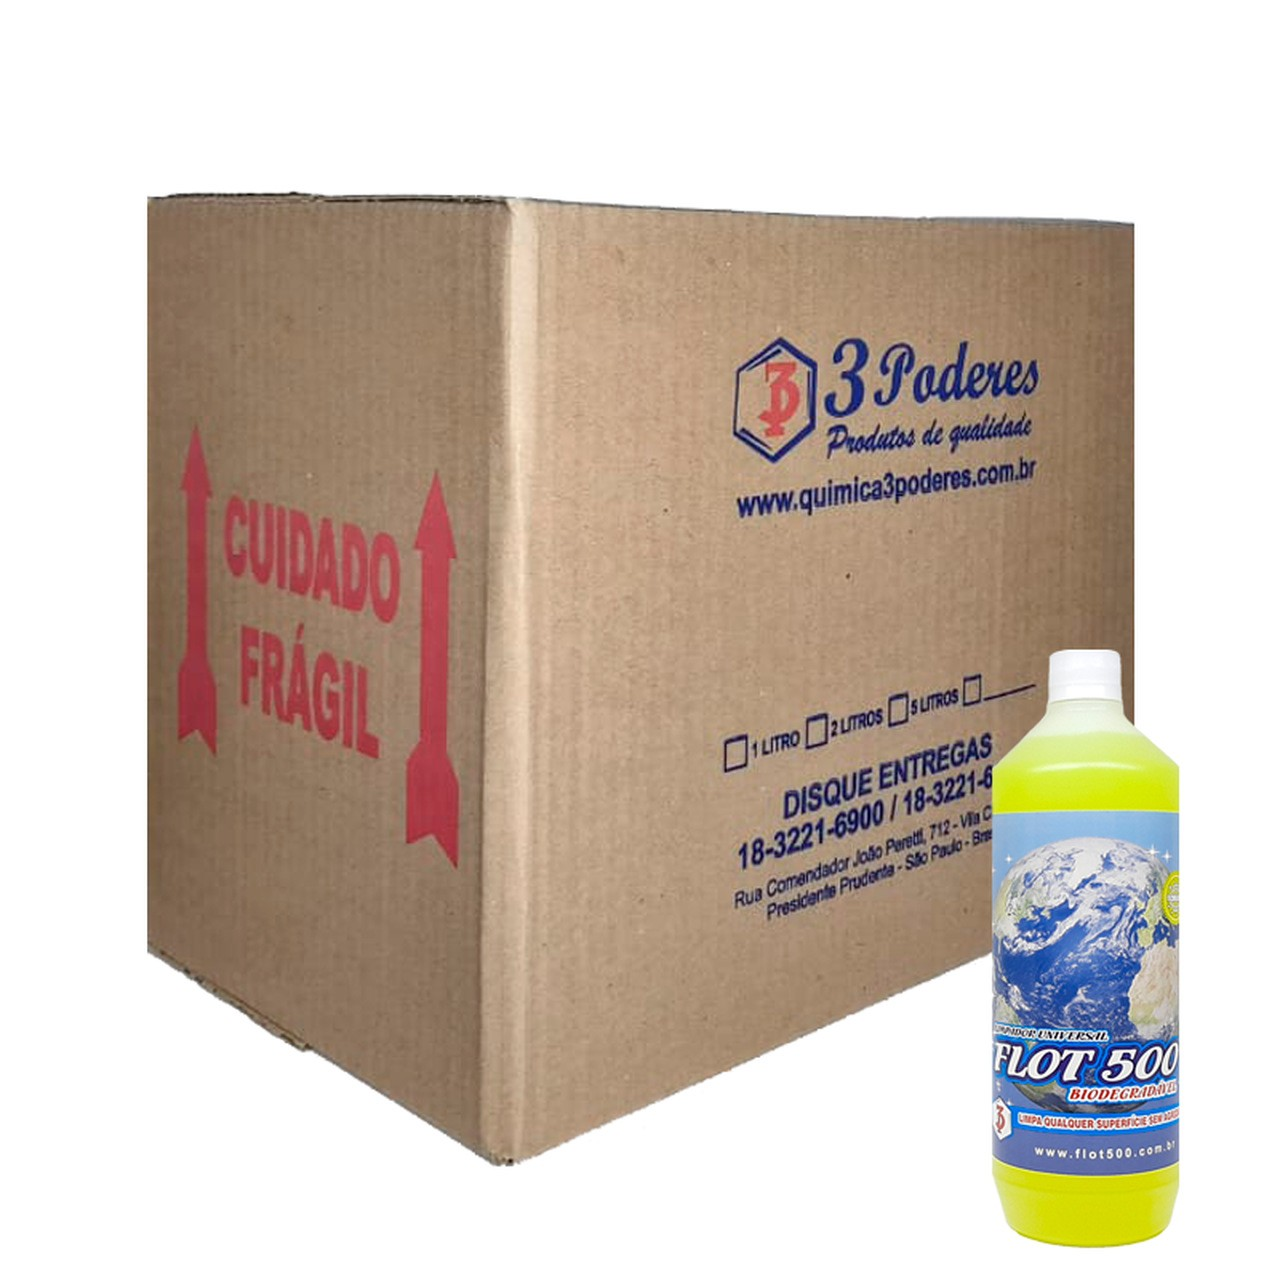 Limpador Universal Flot 500 3 Poderes 1L - flotador Biodegradável - Caixa com 12 Un.